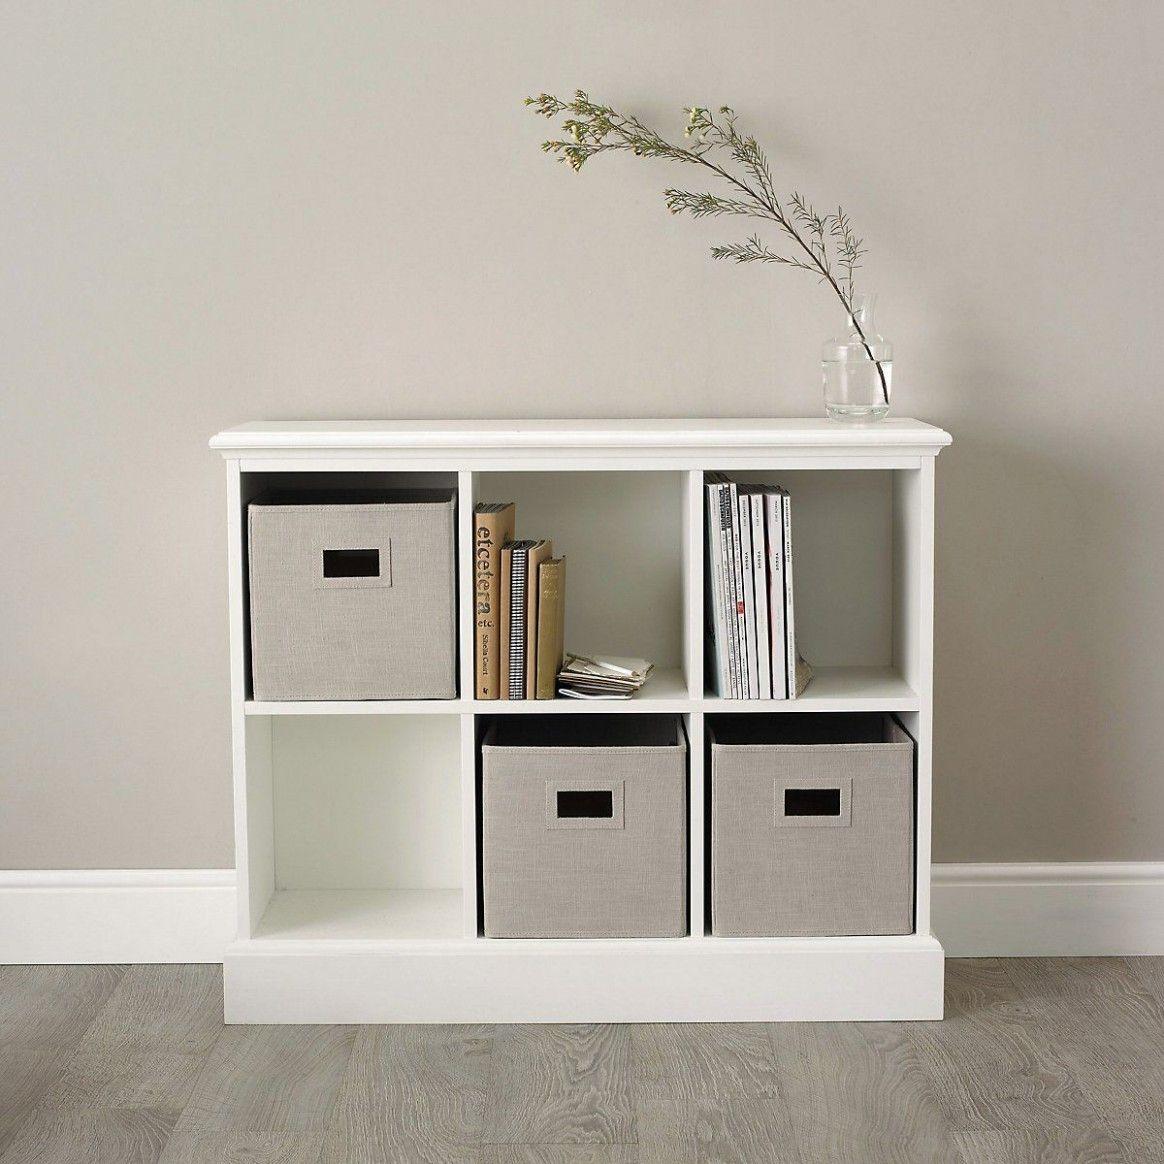 Cheap Bedroom Storage Units Meuble Blanc Ikea Cube Rangement Idees Pour La Maison